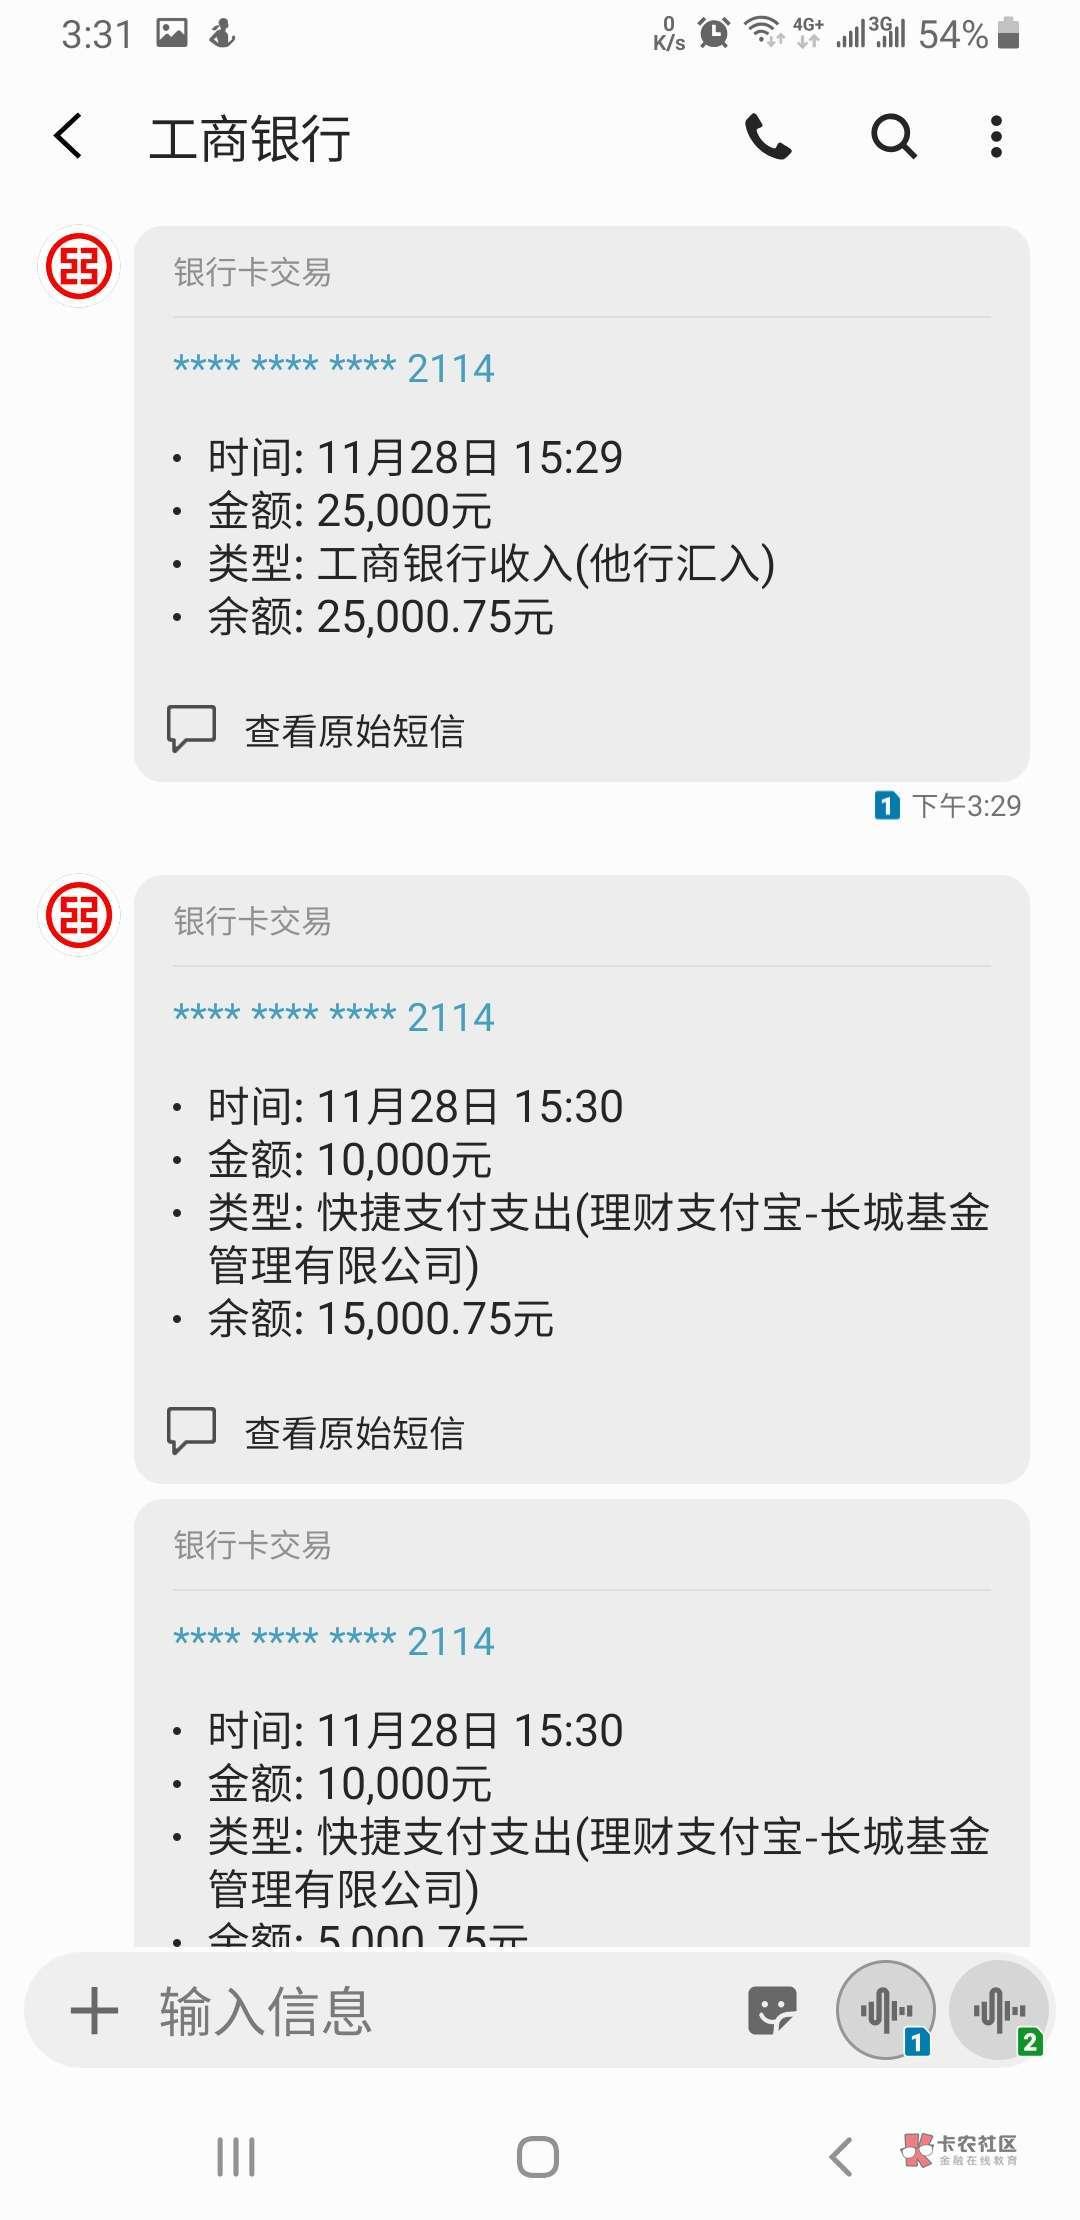 老哥们,收到华夏龙商贷短信让我心里忐忑不安,结果出...57 / 作者:不锈钢网厂家 /